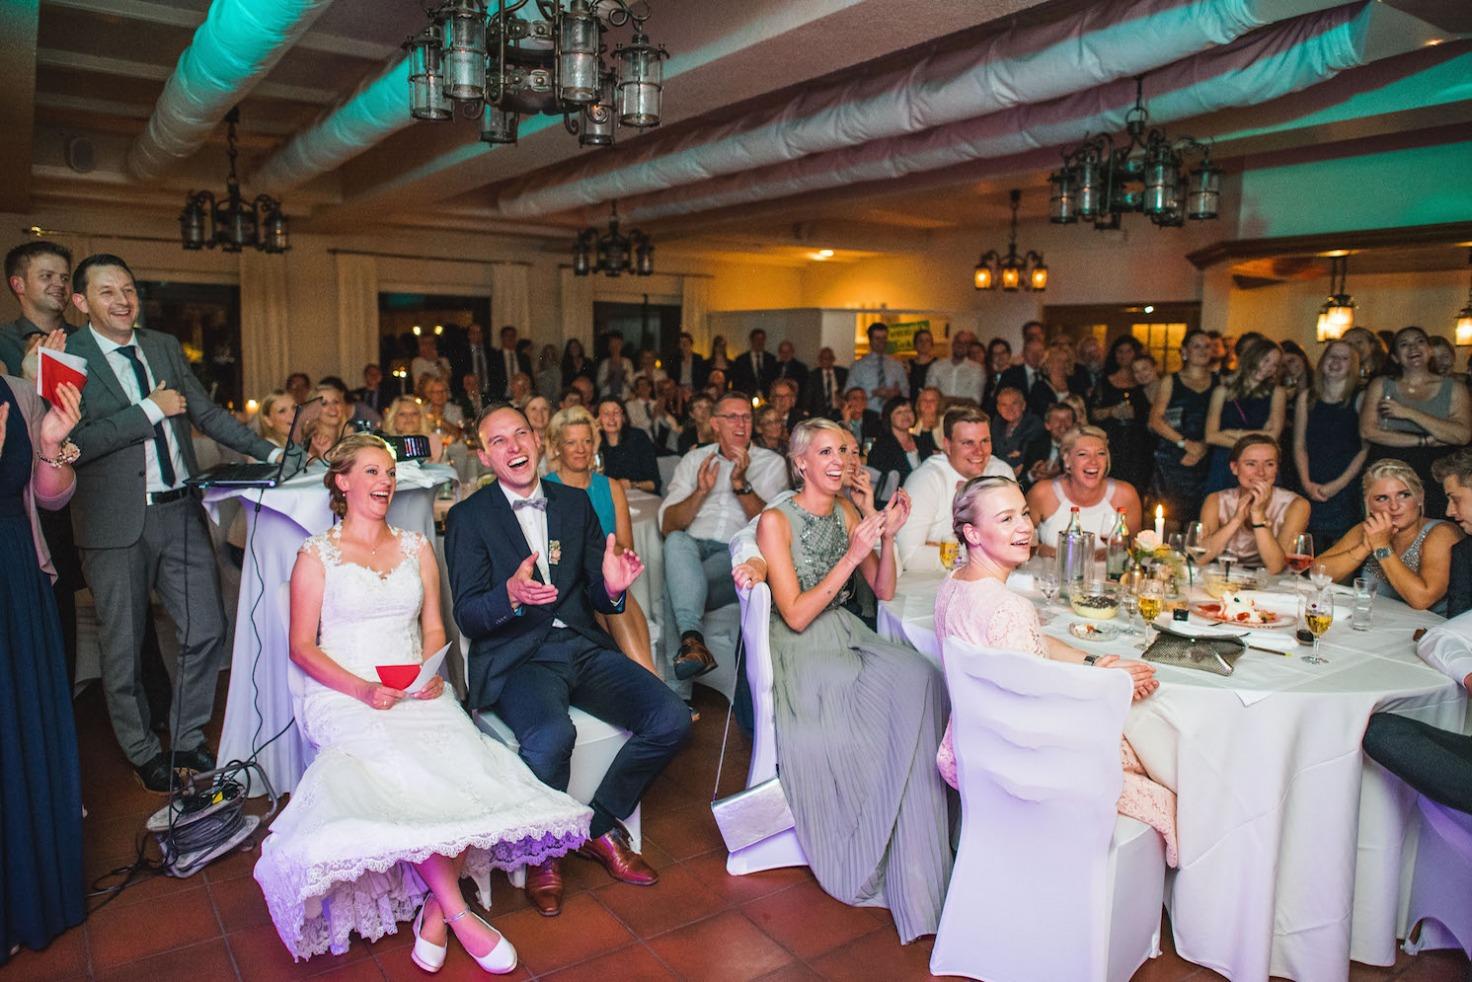 Hochzeit von Sabrina und Michael in Münster: Hochzeitspaar lacht herzlich